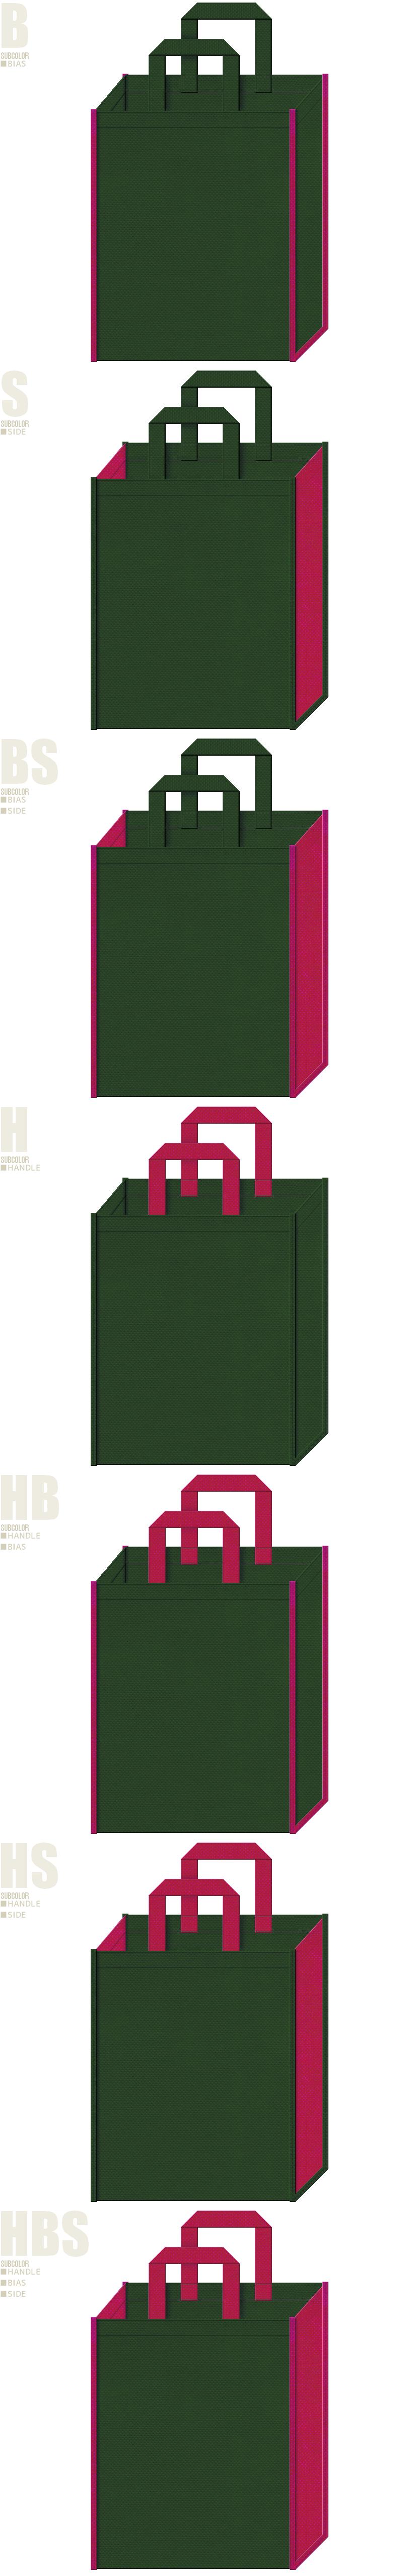 濃緑色と濃いピンク色、7パターンの不織布トートバッグ配色デザイン例。着物と袴のイメージの不織布バッグにお奨めの配色です。